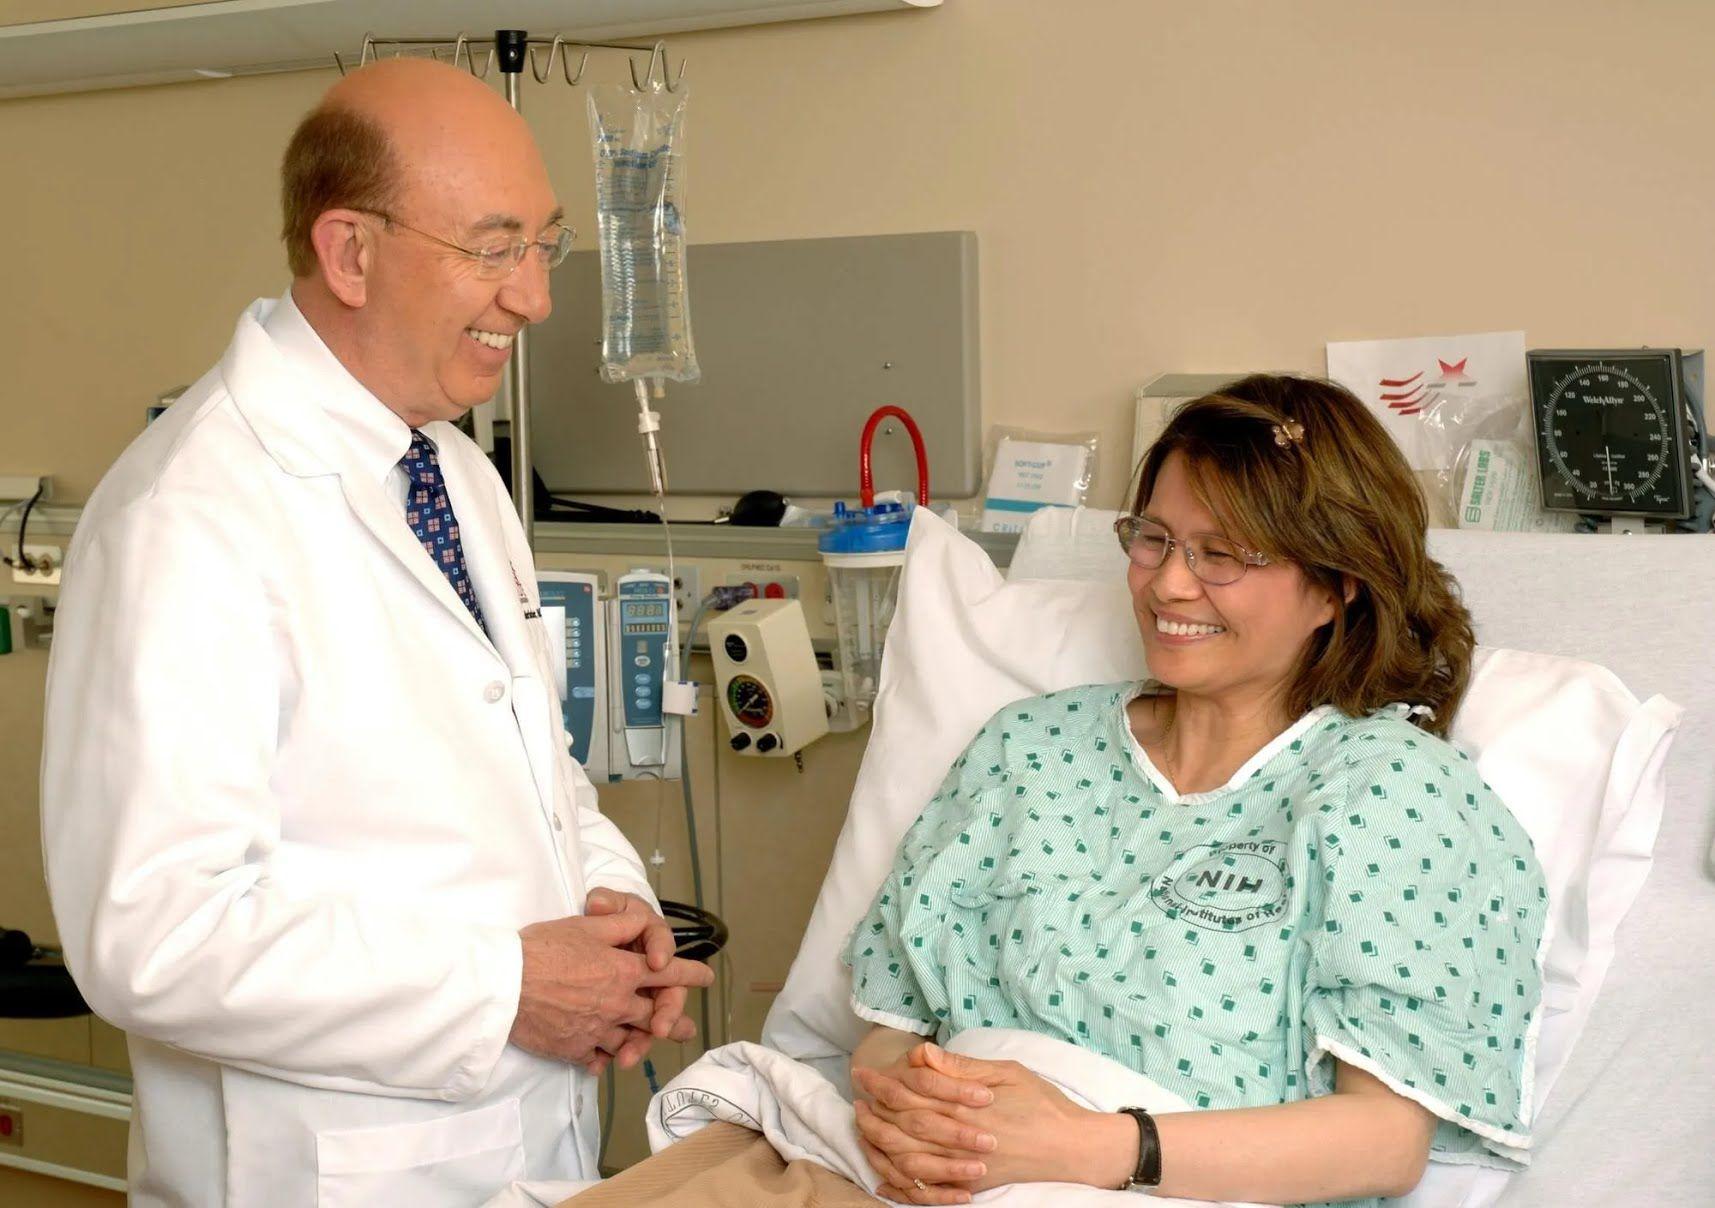 День медичного працівника відзначається в третю неділю червня